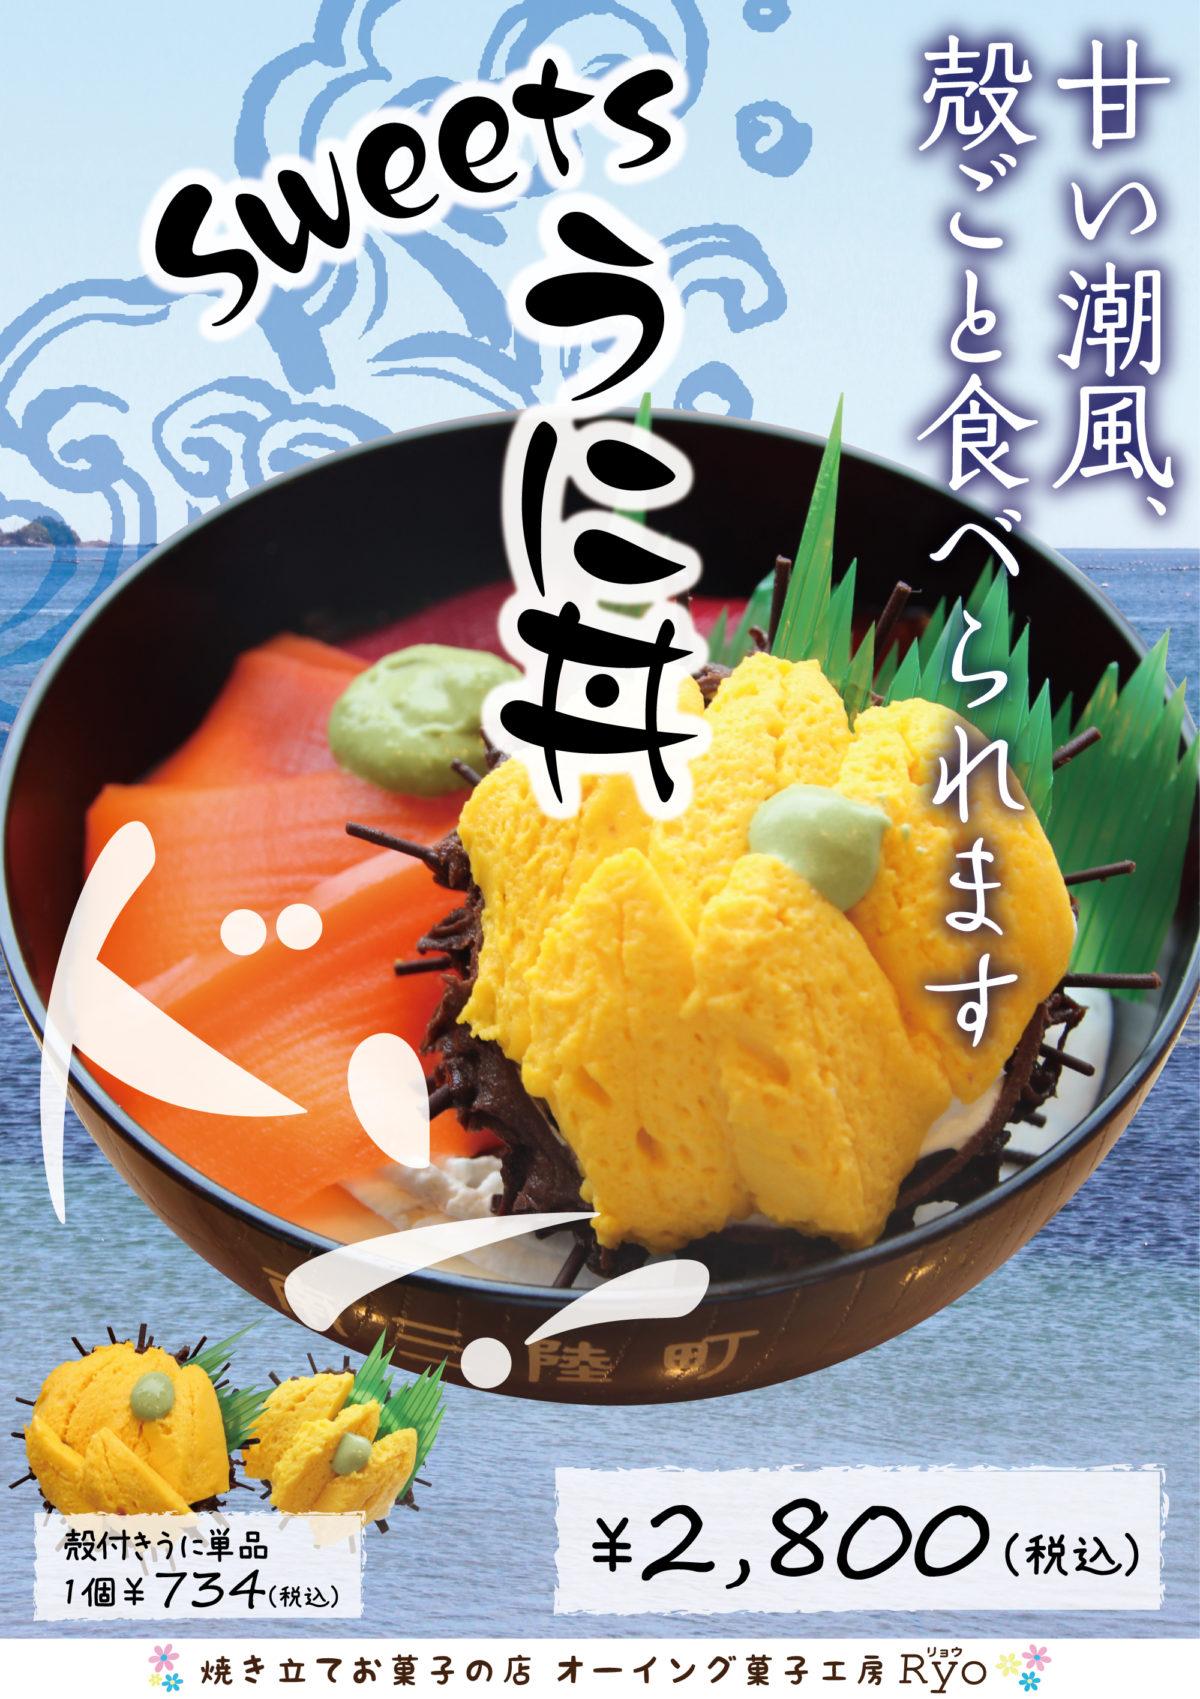 【オーイング菓子工房 Ryo】新商品『Sweetsうに丼』!本日から販売開始!